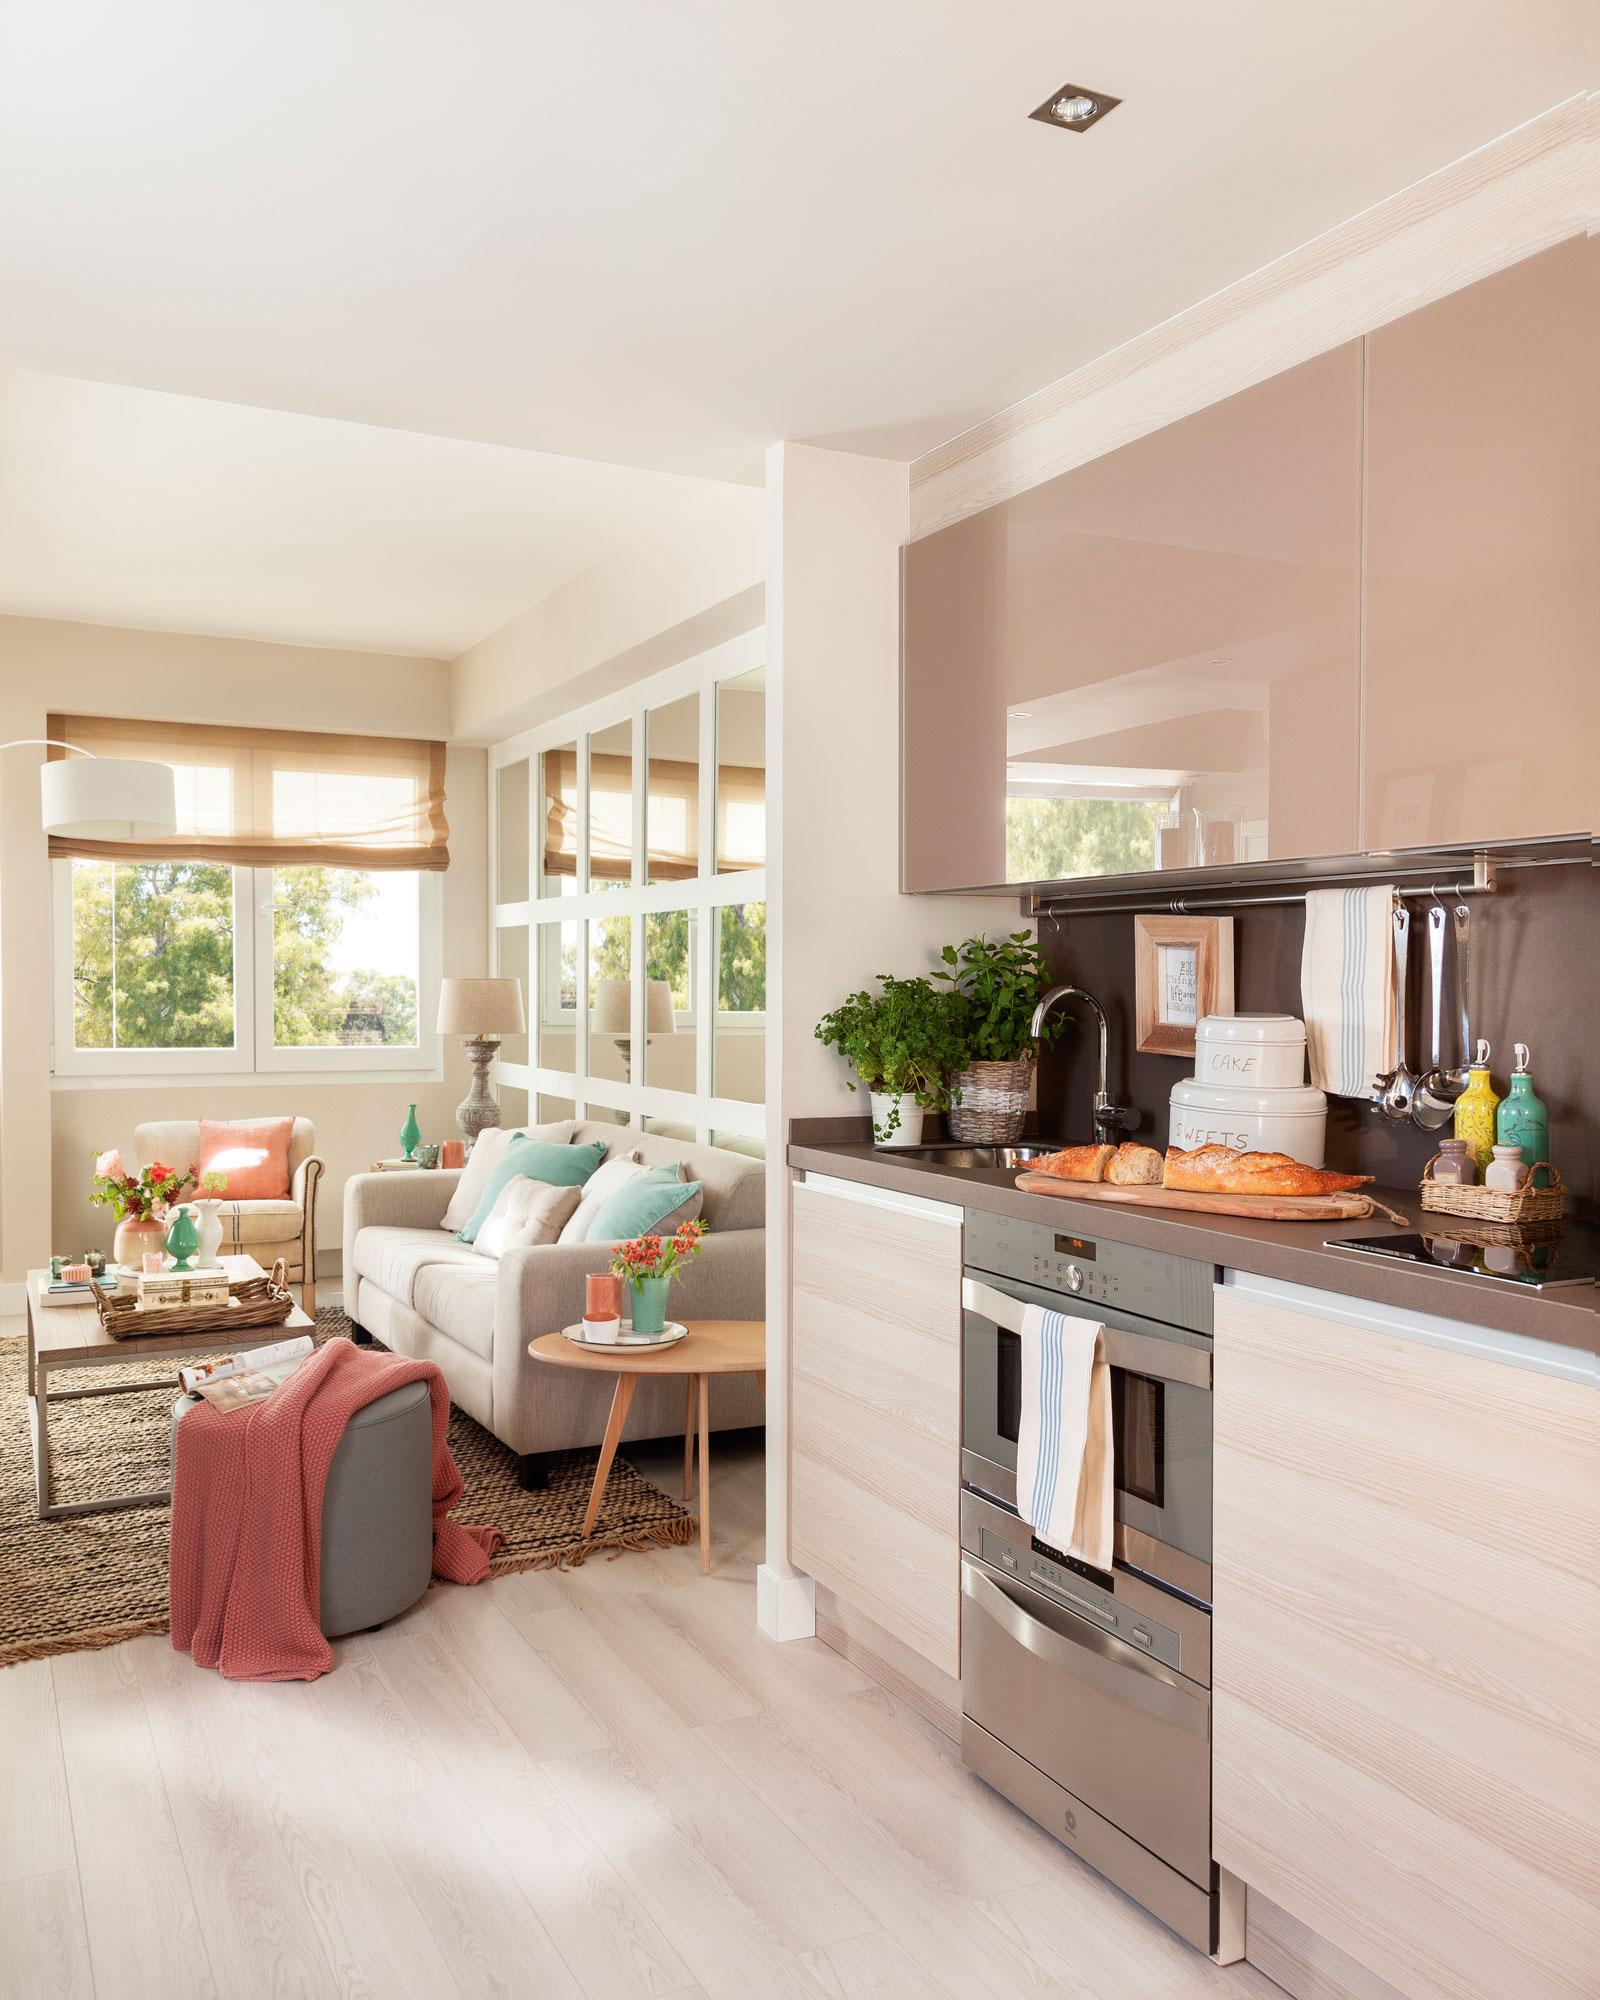 849 fotos de muebles de cocina - Muebles de cocina laminados ...